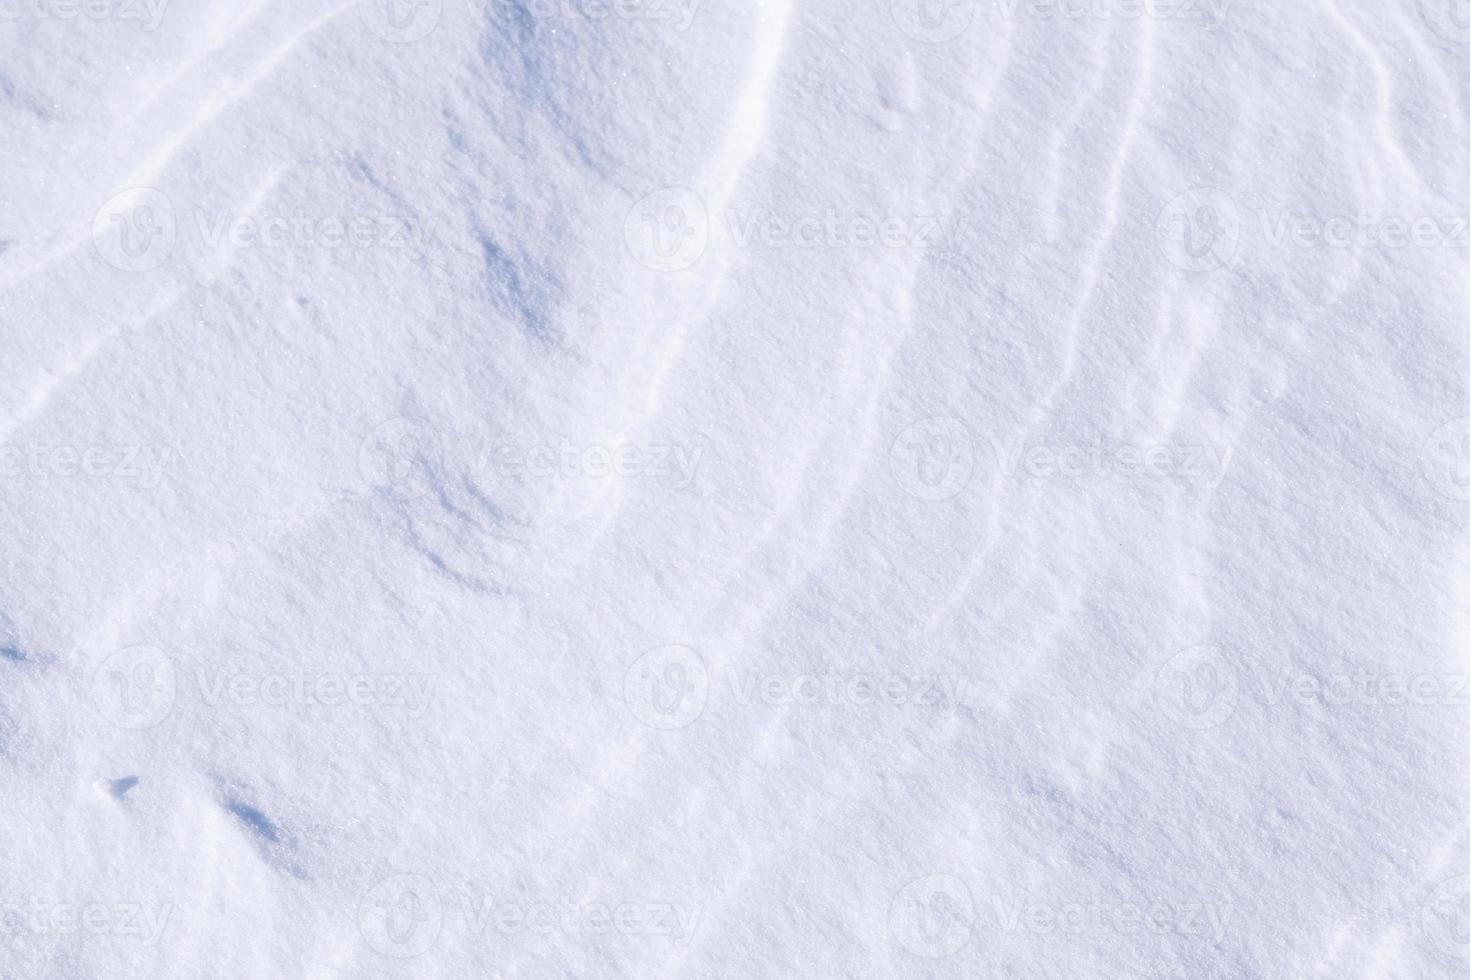 saubere weiße Schneetextur aus Eiskristallen foto